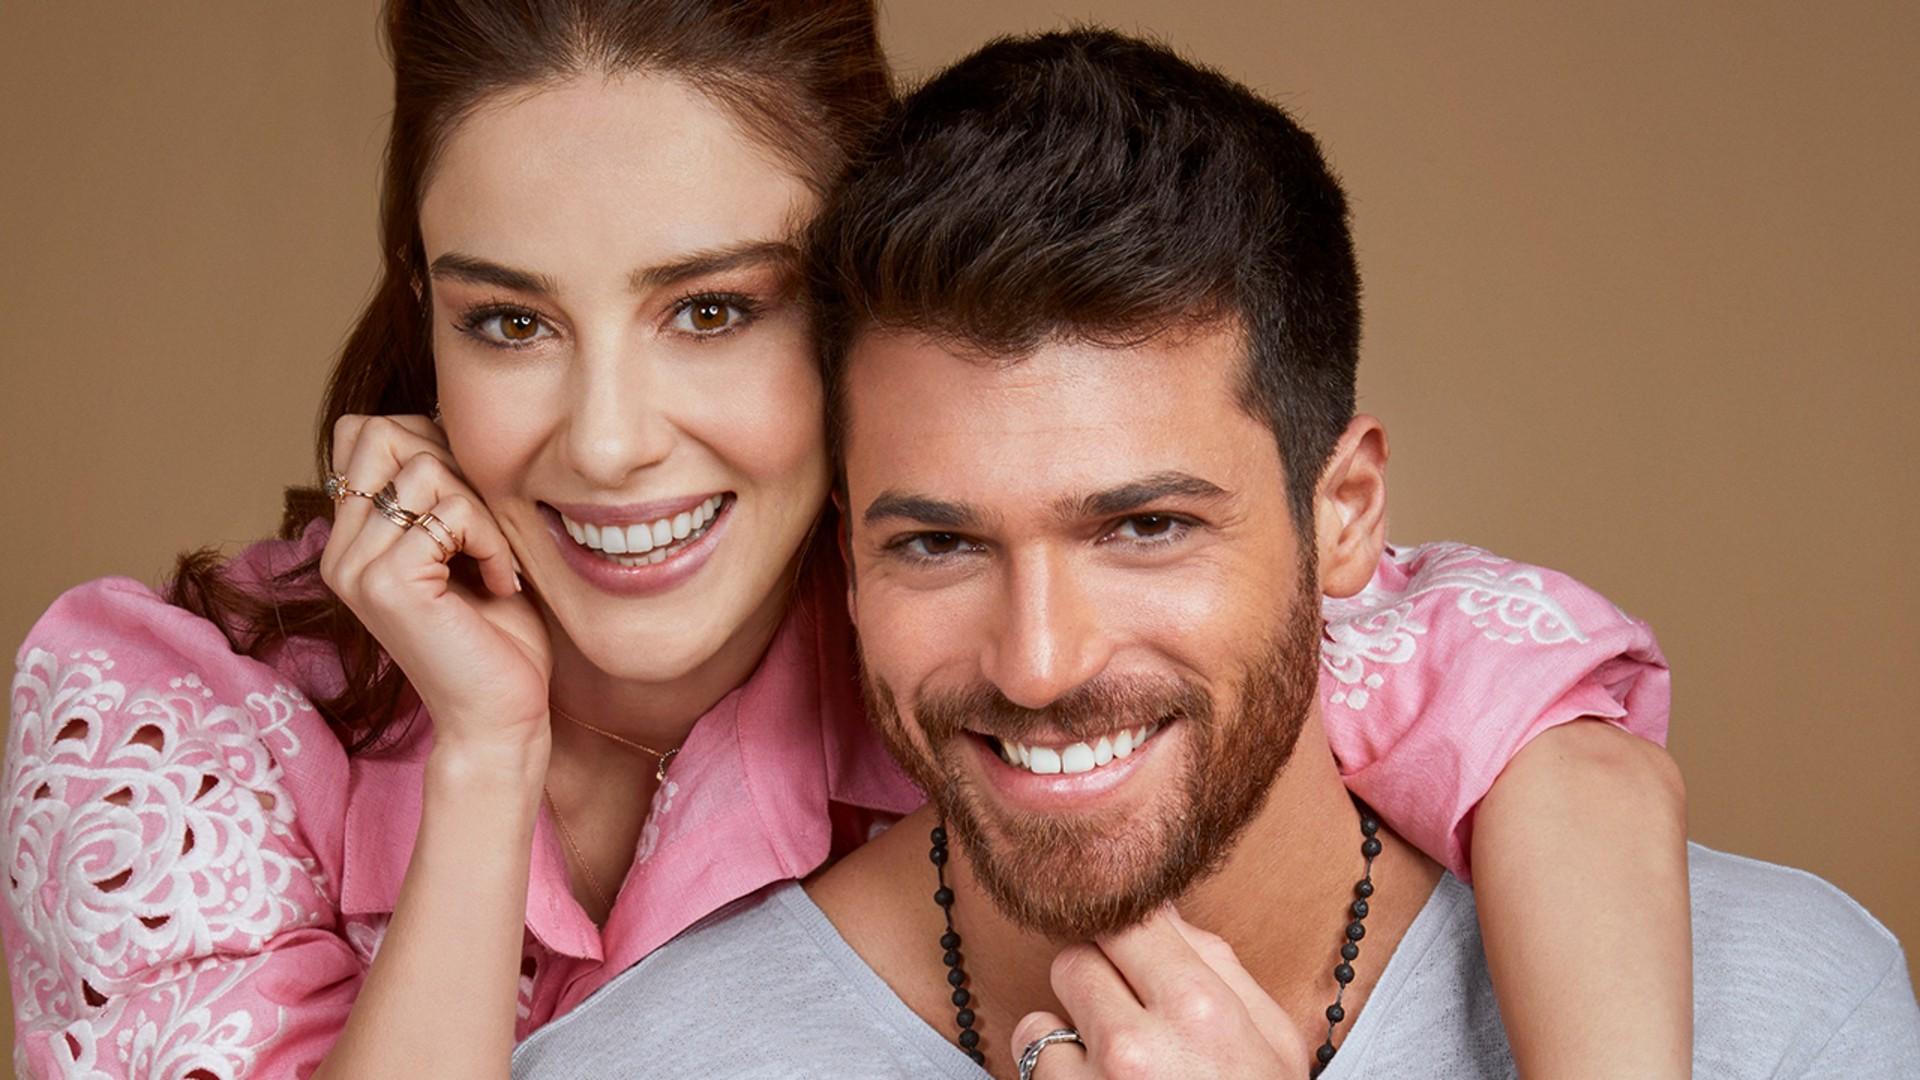 bay yanlis .. قصة عشق مسلسل السيد الخطأ الحلقة 4 مترجم باللغة العربية عبر قناة FOX التركية